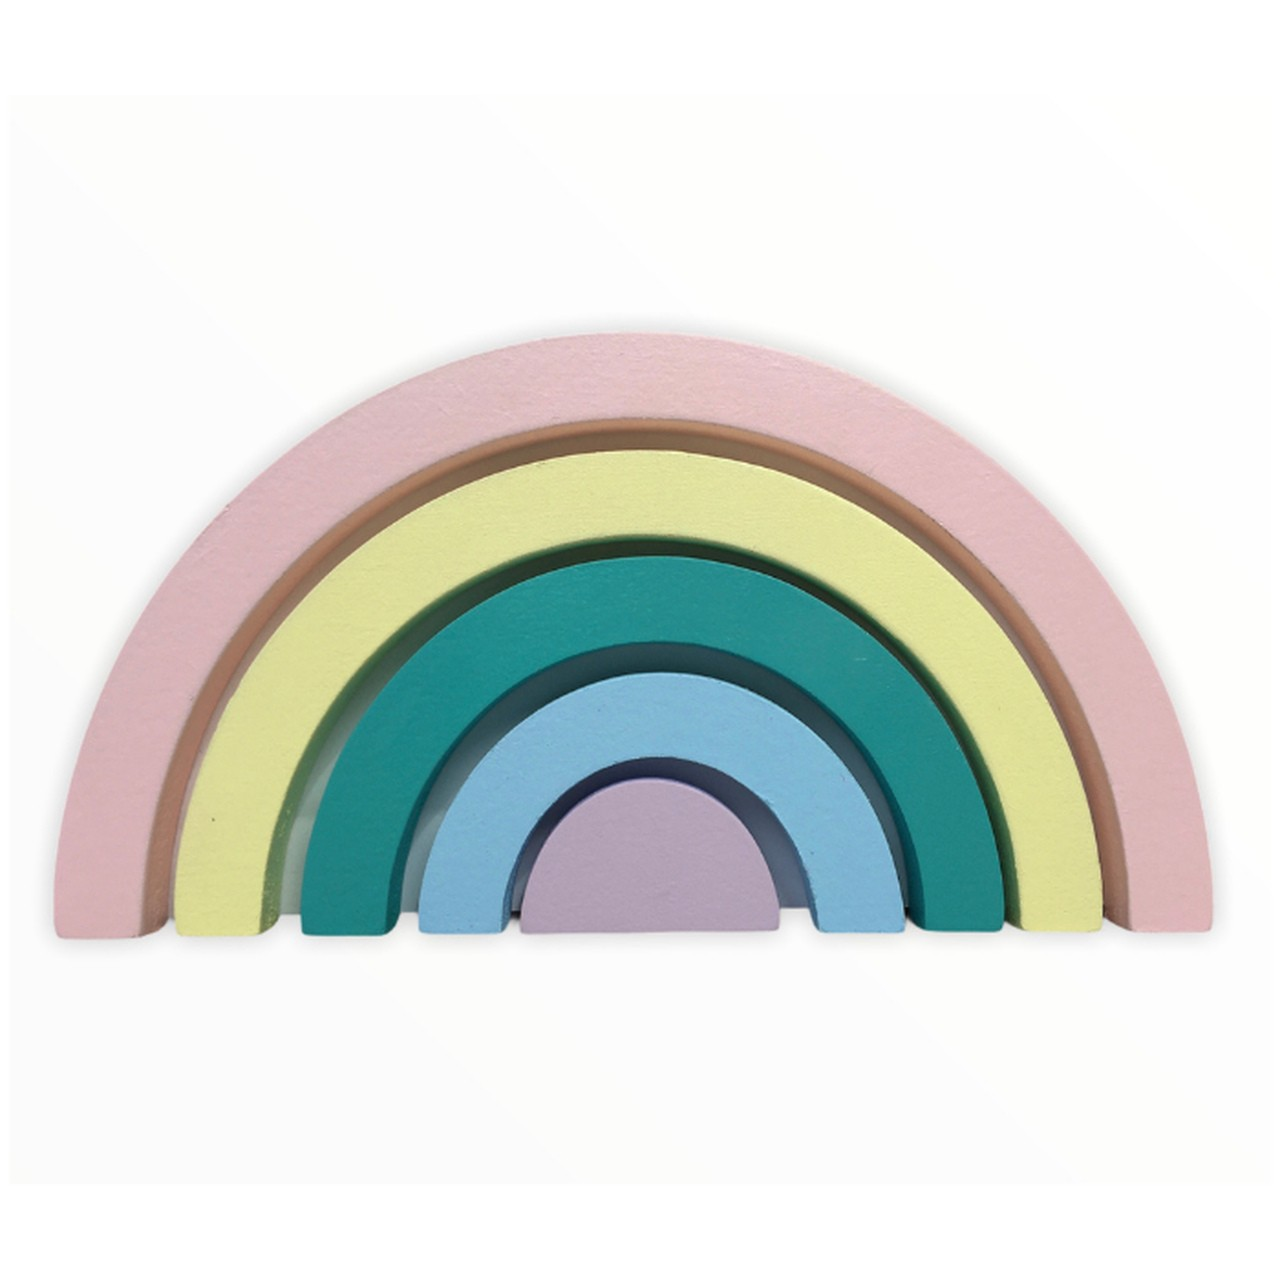 Adorno, enfeite de madeira arco íris para quarto infantil